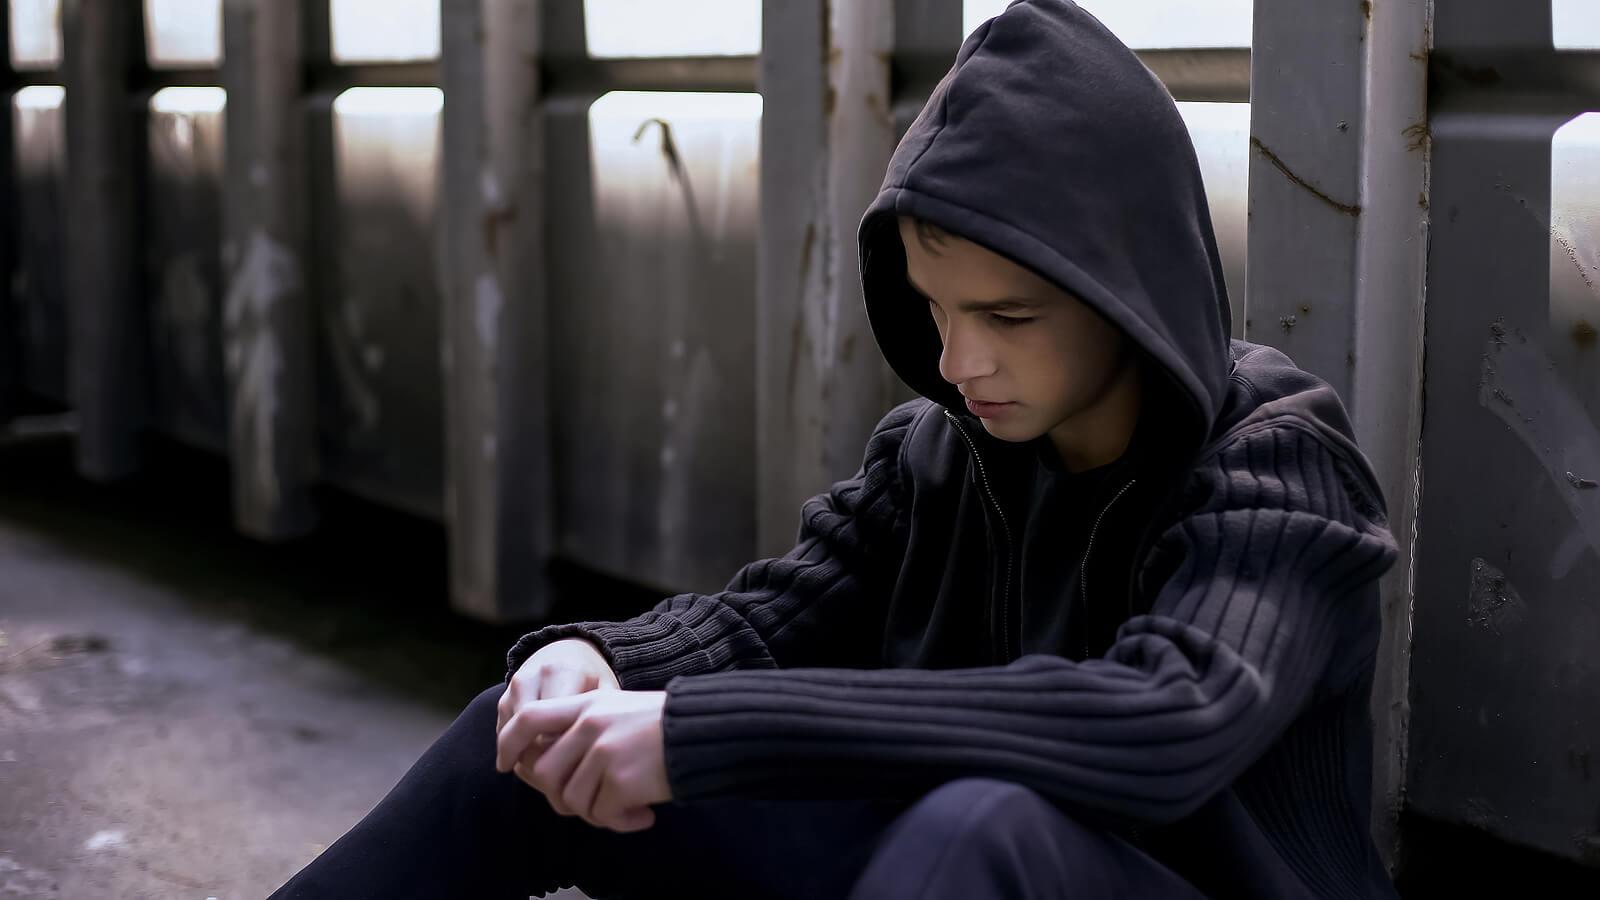 Chico adolescente pensando en escapar de casa.